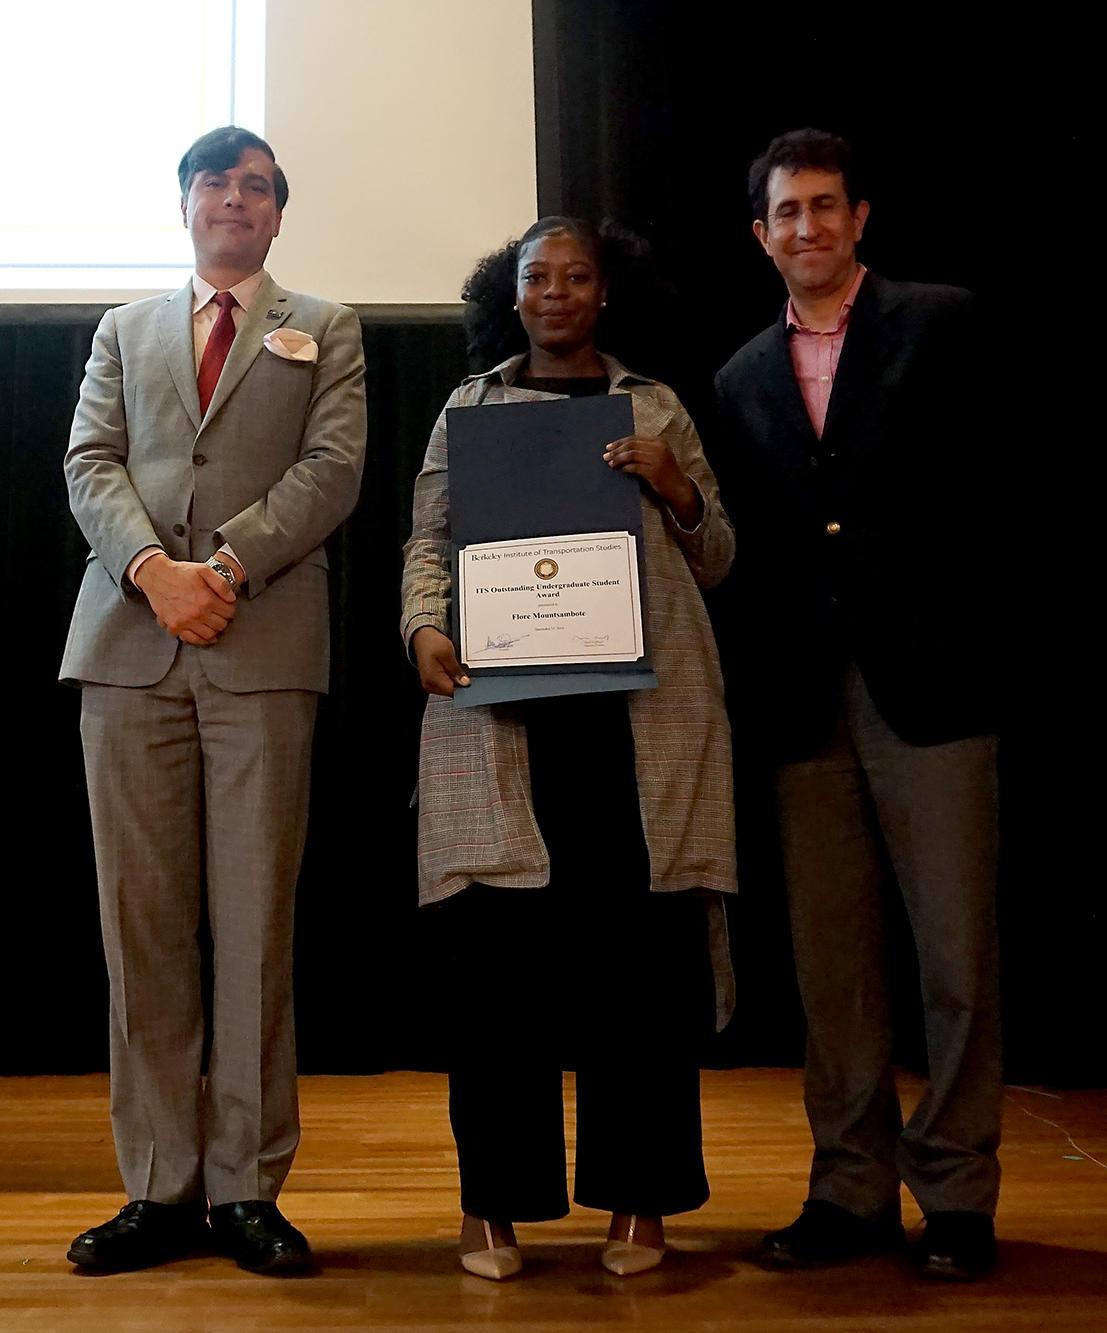 Mountsambote ITS Outstanding Undergraduate Student Award